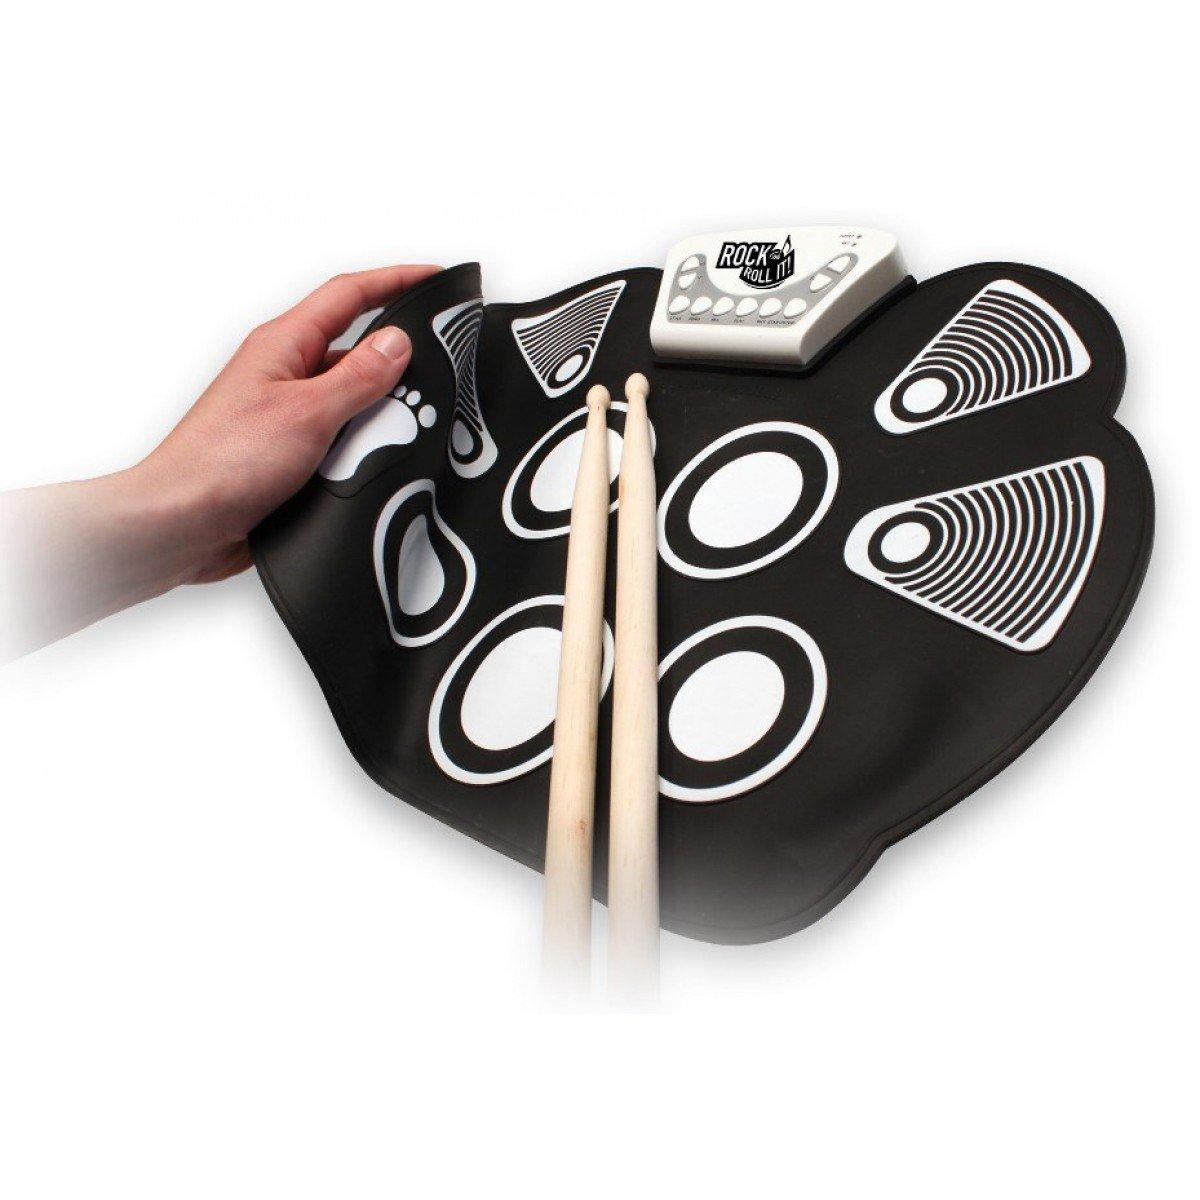 Mukikim Rock & Roll It Flexible Roll-up Drum Kit